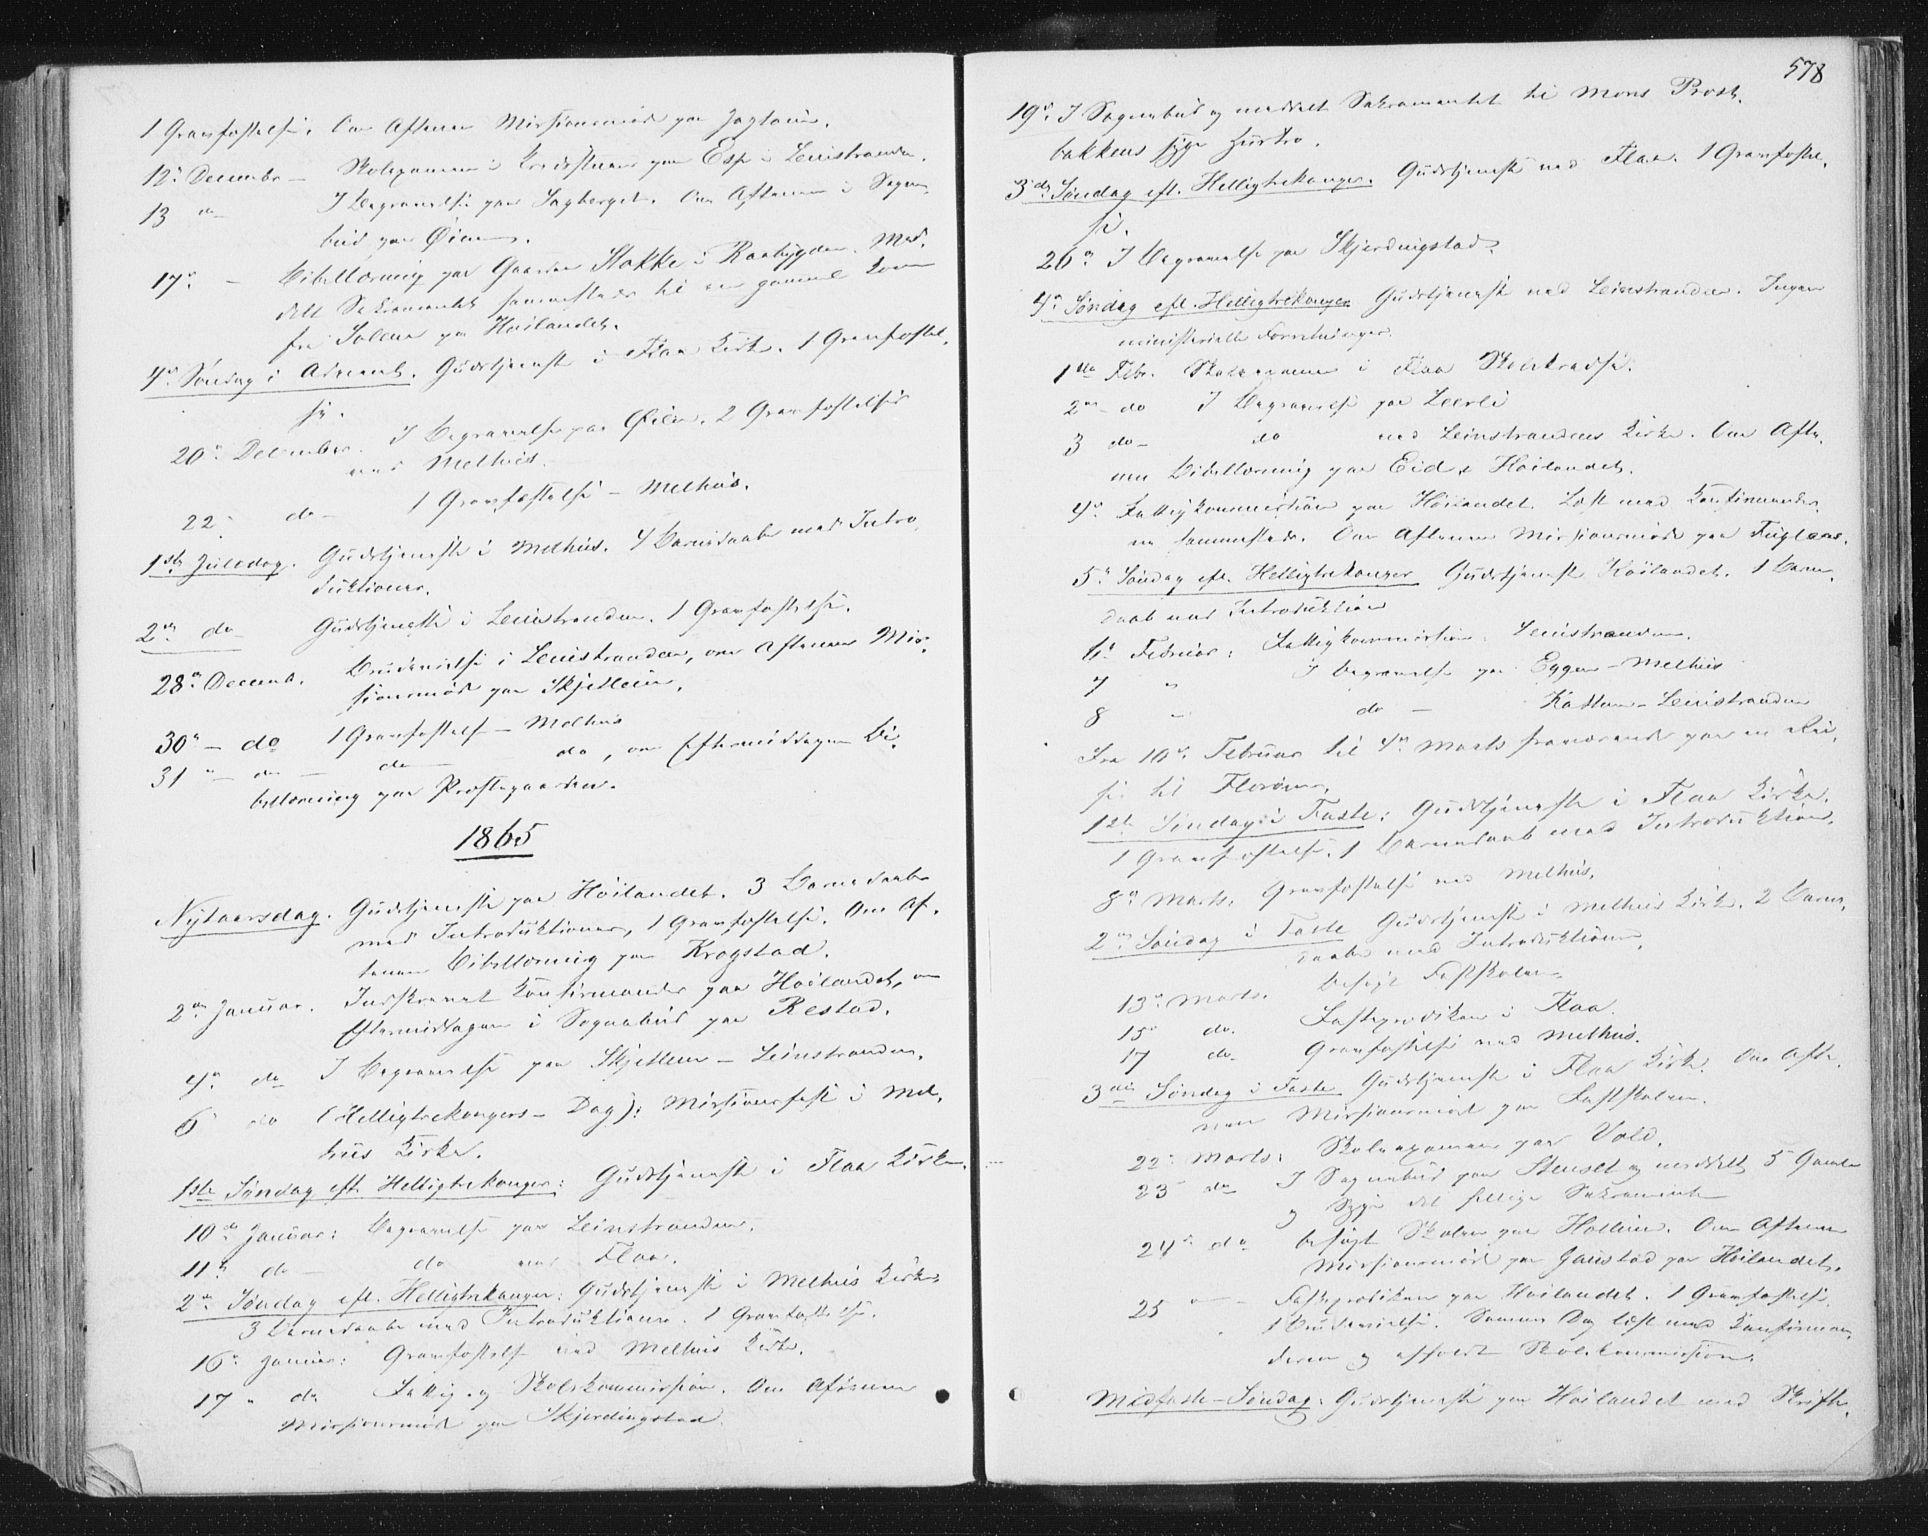 SAT, Ministerialprotokoller, klokkerbøker og fødselsregistre - Sør-Trøndelag, 691/L1077: Ministerialbok nr. 691A09, 1862-1873, s. 578